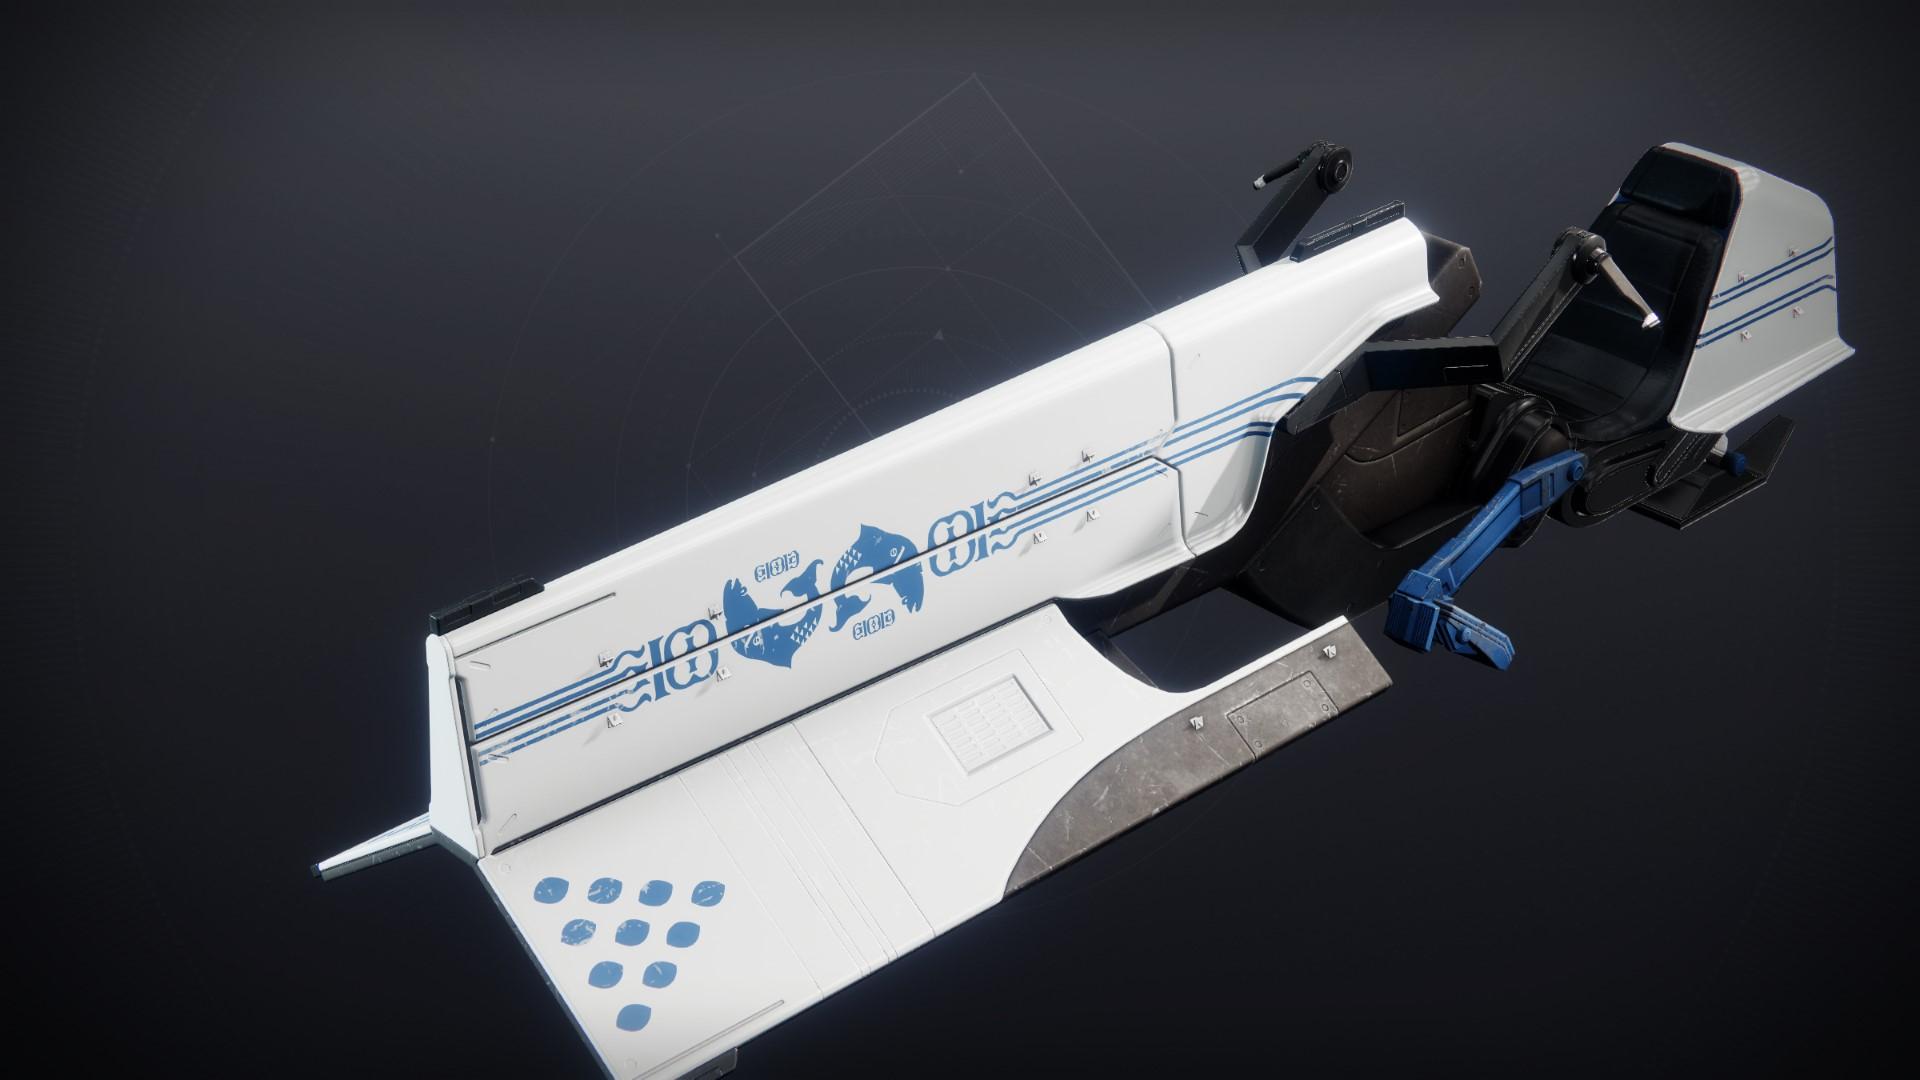 An in-game render of the Ten-Grasp Sword.